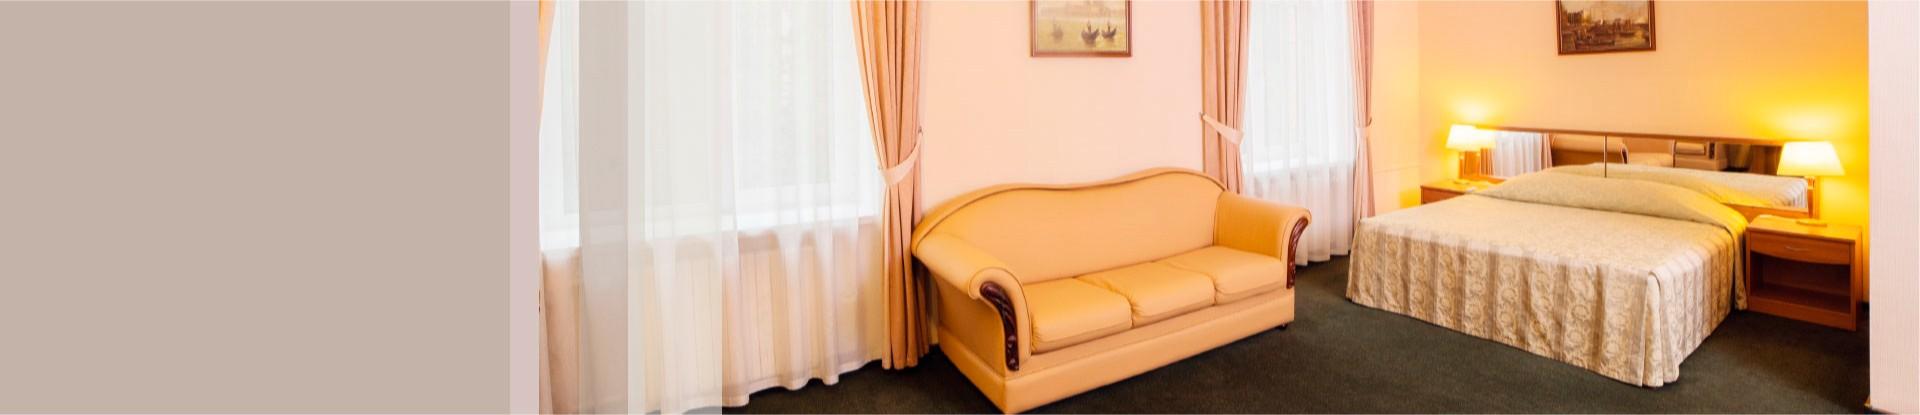 Отдых в Москве с комфортом и выгодой